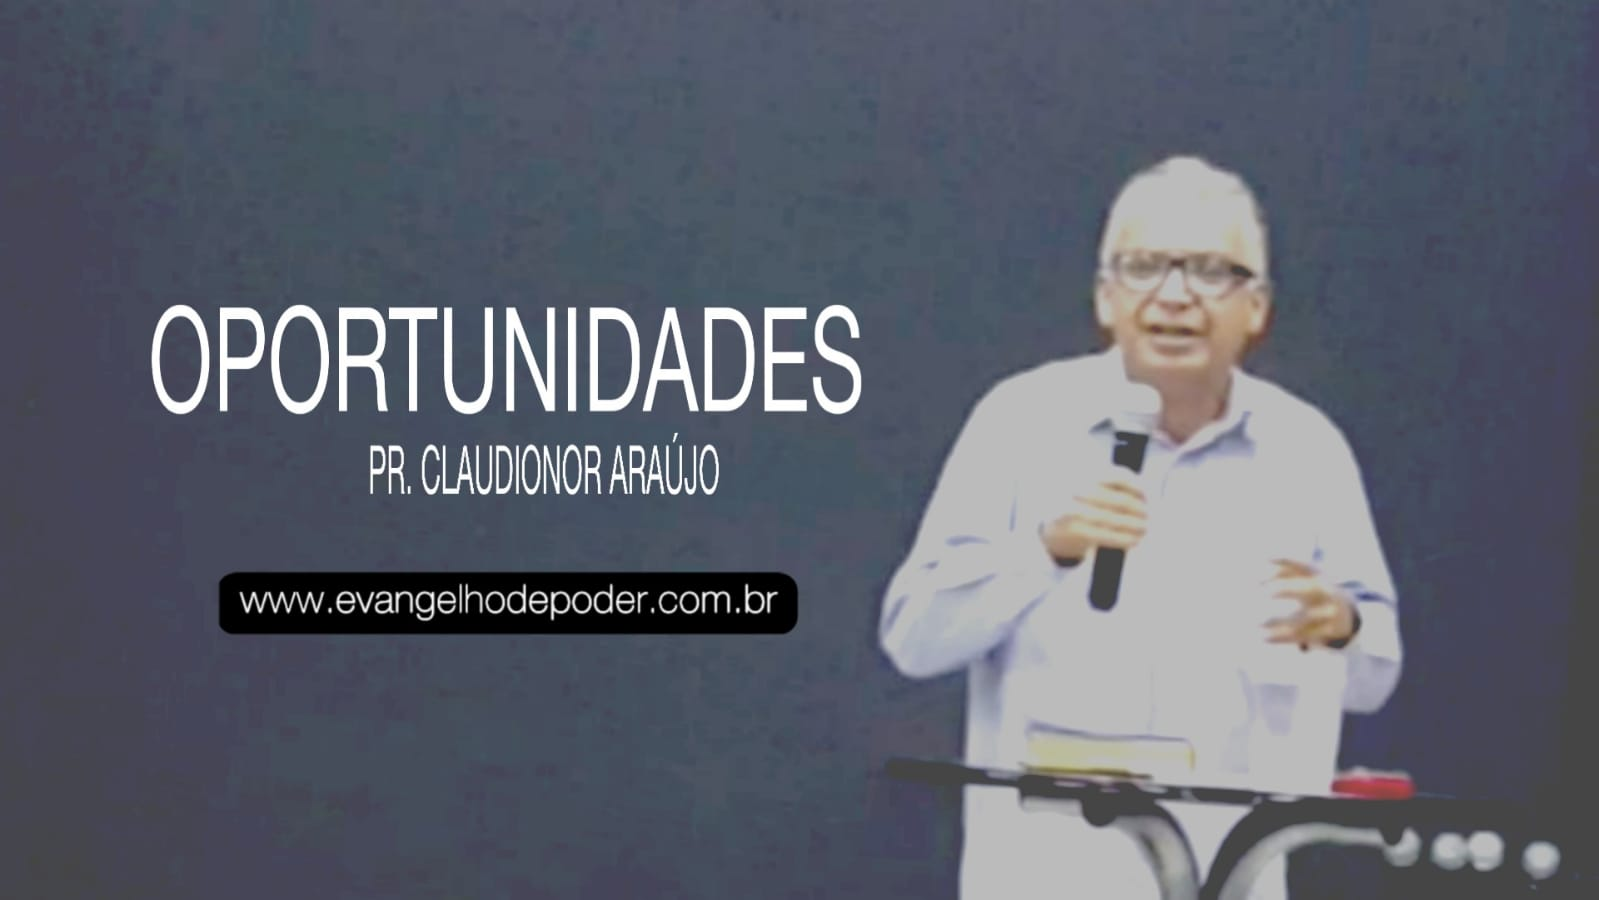 Oportunidade | Pr. Claudionor Araújo